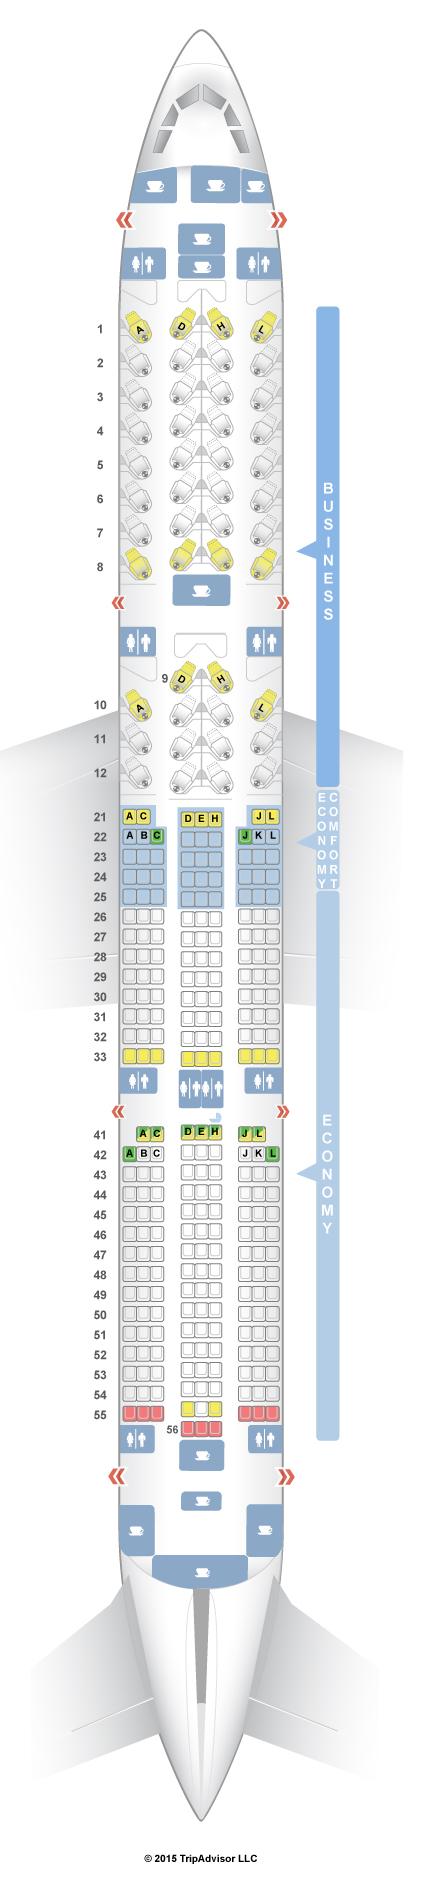 seatguru seat map finnair airbus a350 900 v1 350